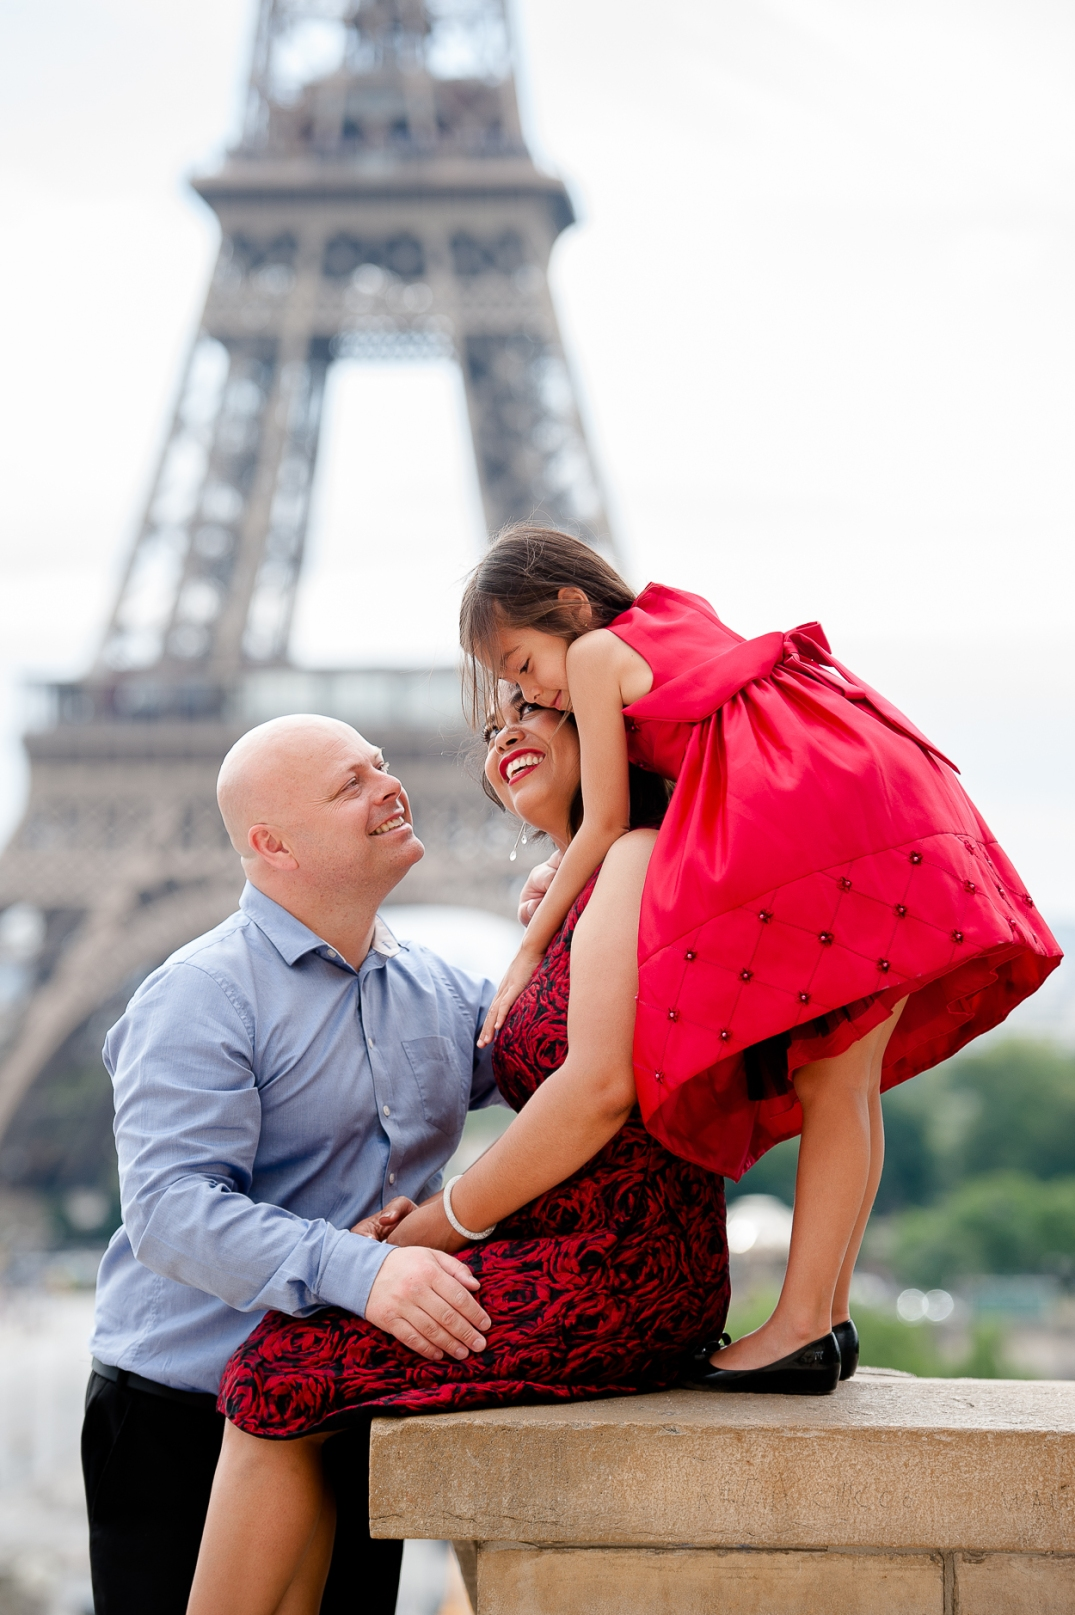 Joyce e familia em paris-0036